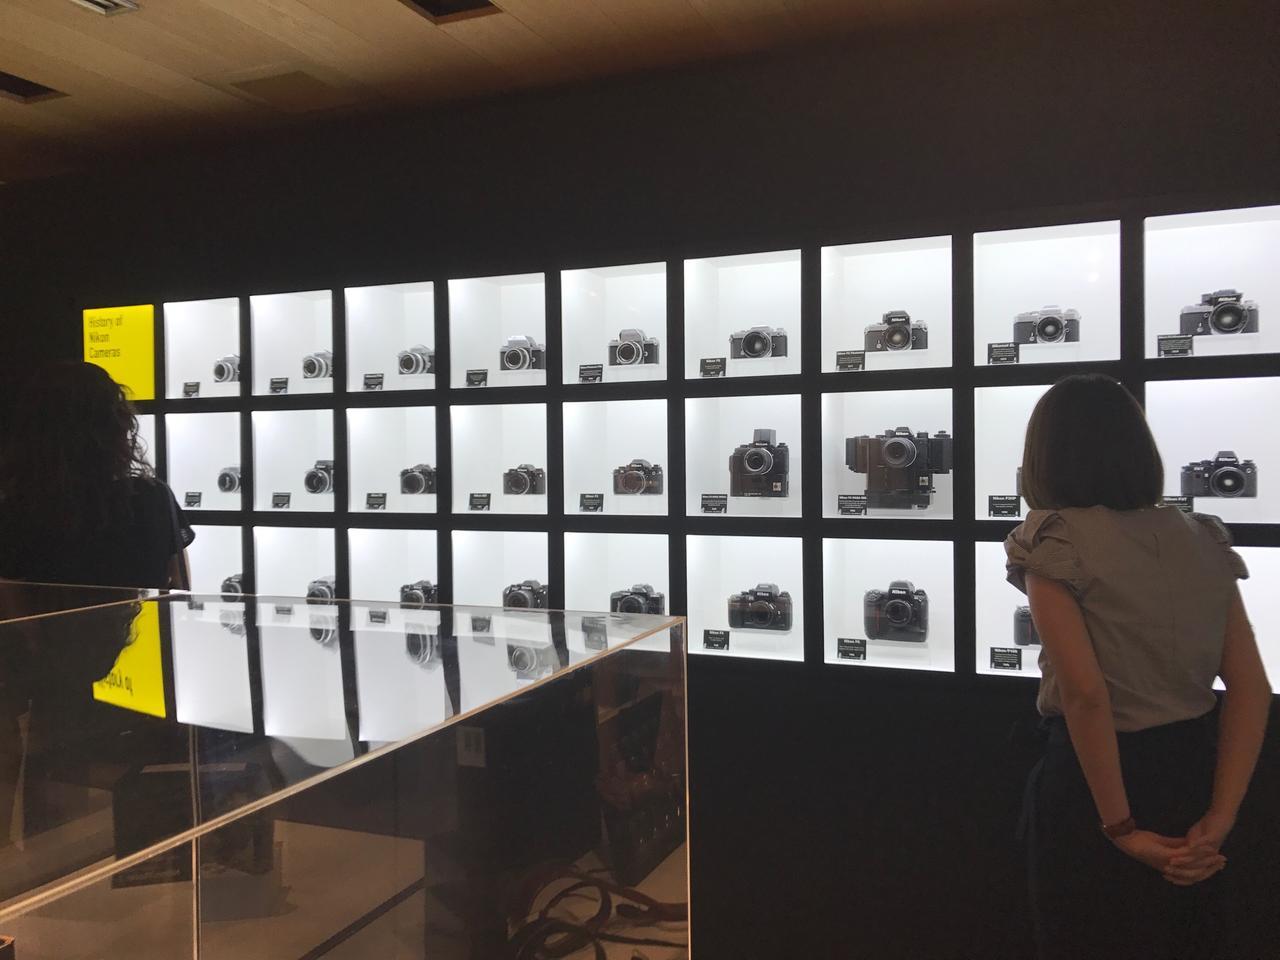 画像: ▲入賞作品はもちろん、先日100周年を迎えたニコンの歴代ハイエンドカメラの数々が展示されていた。